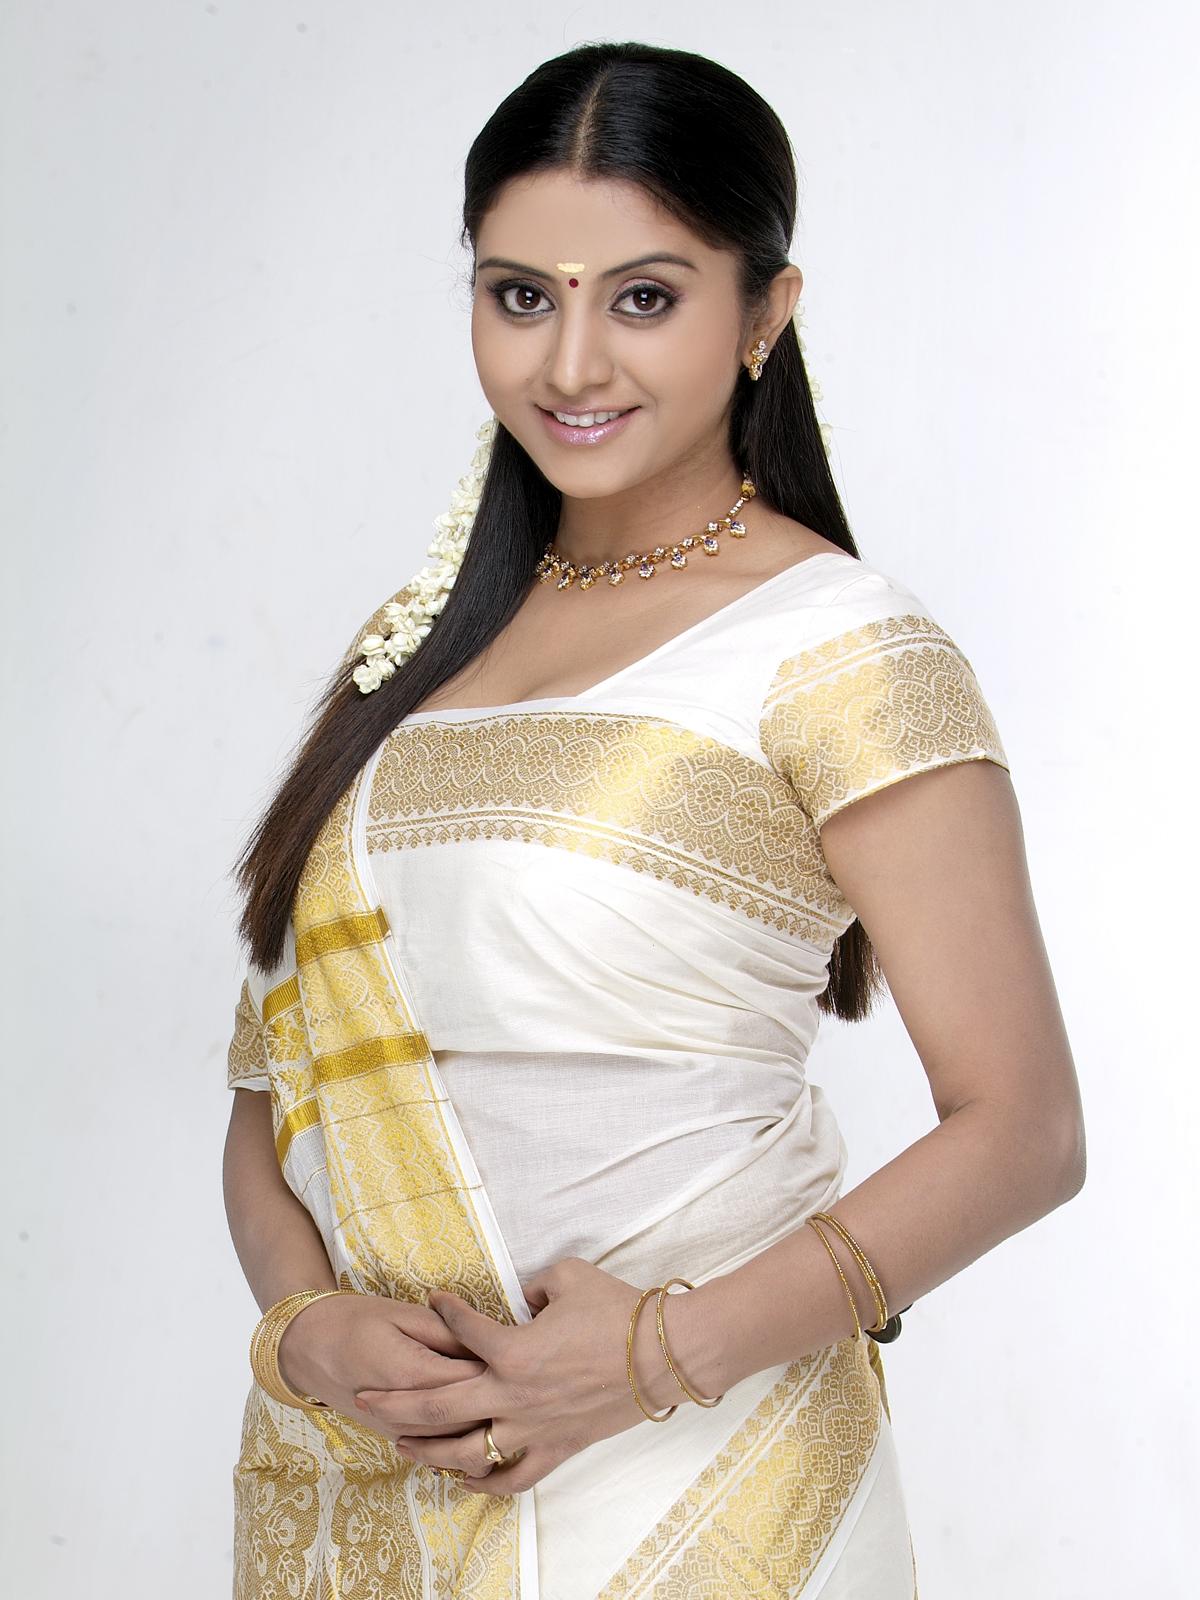 Sensuous indian beauty saree striptease - 2 part 5